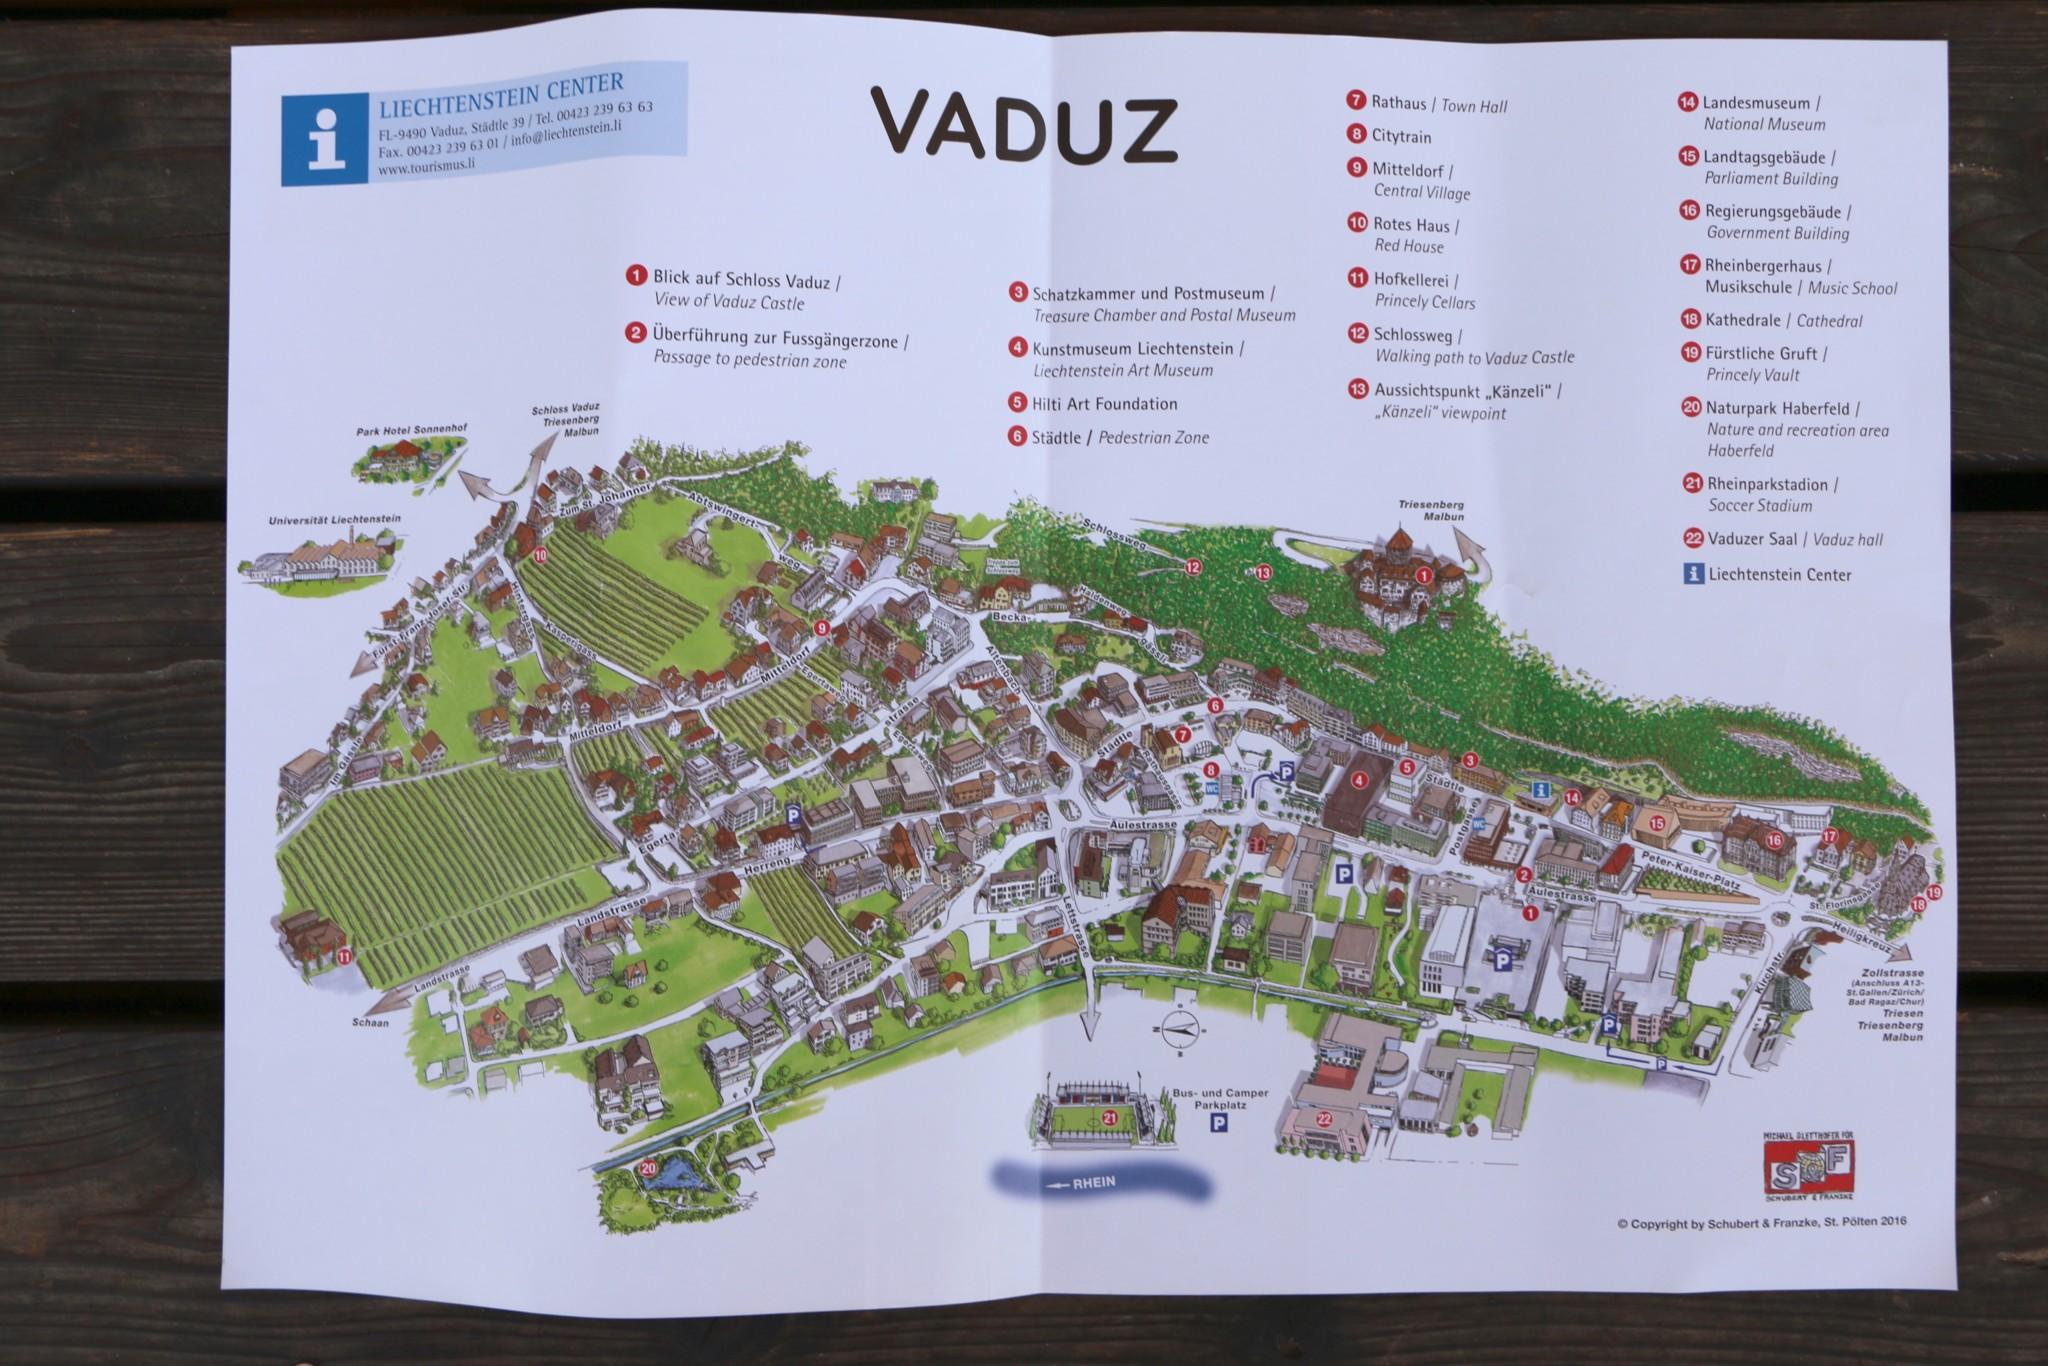 Top 10 things to do in vaduz liechtenstein traveling with jc img1972 liechtenstein img1974 publicscrutiny Gallery